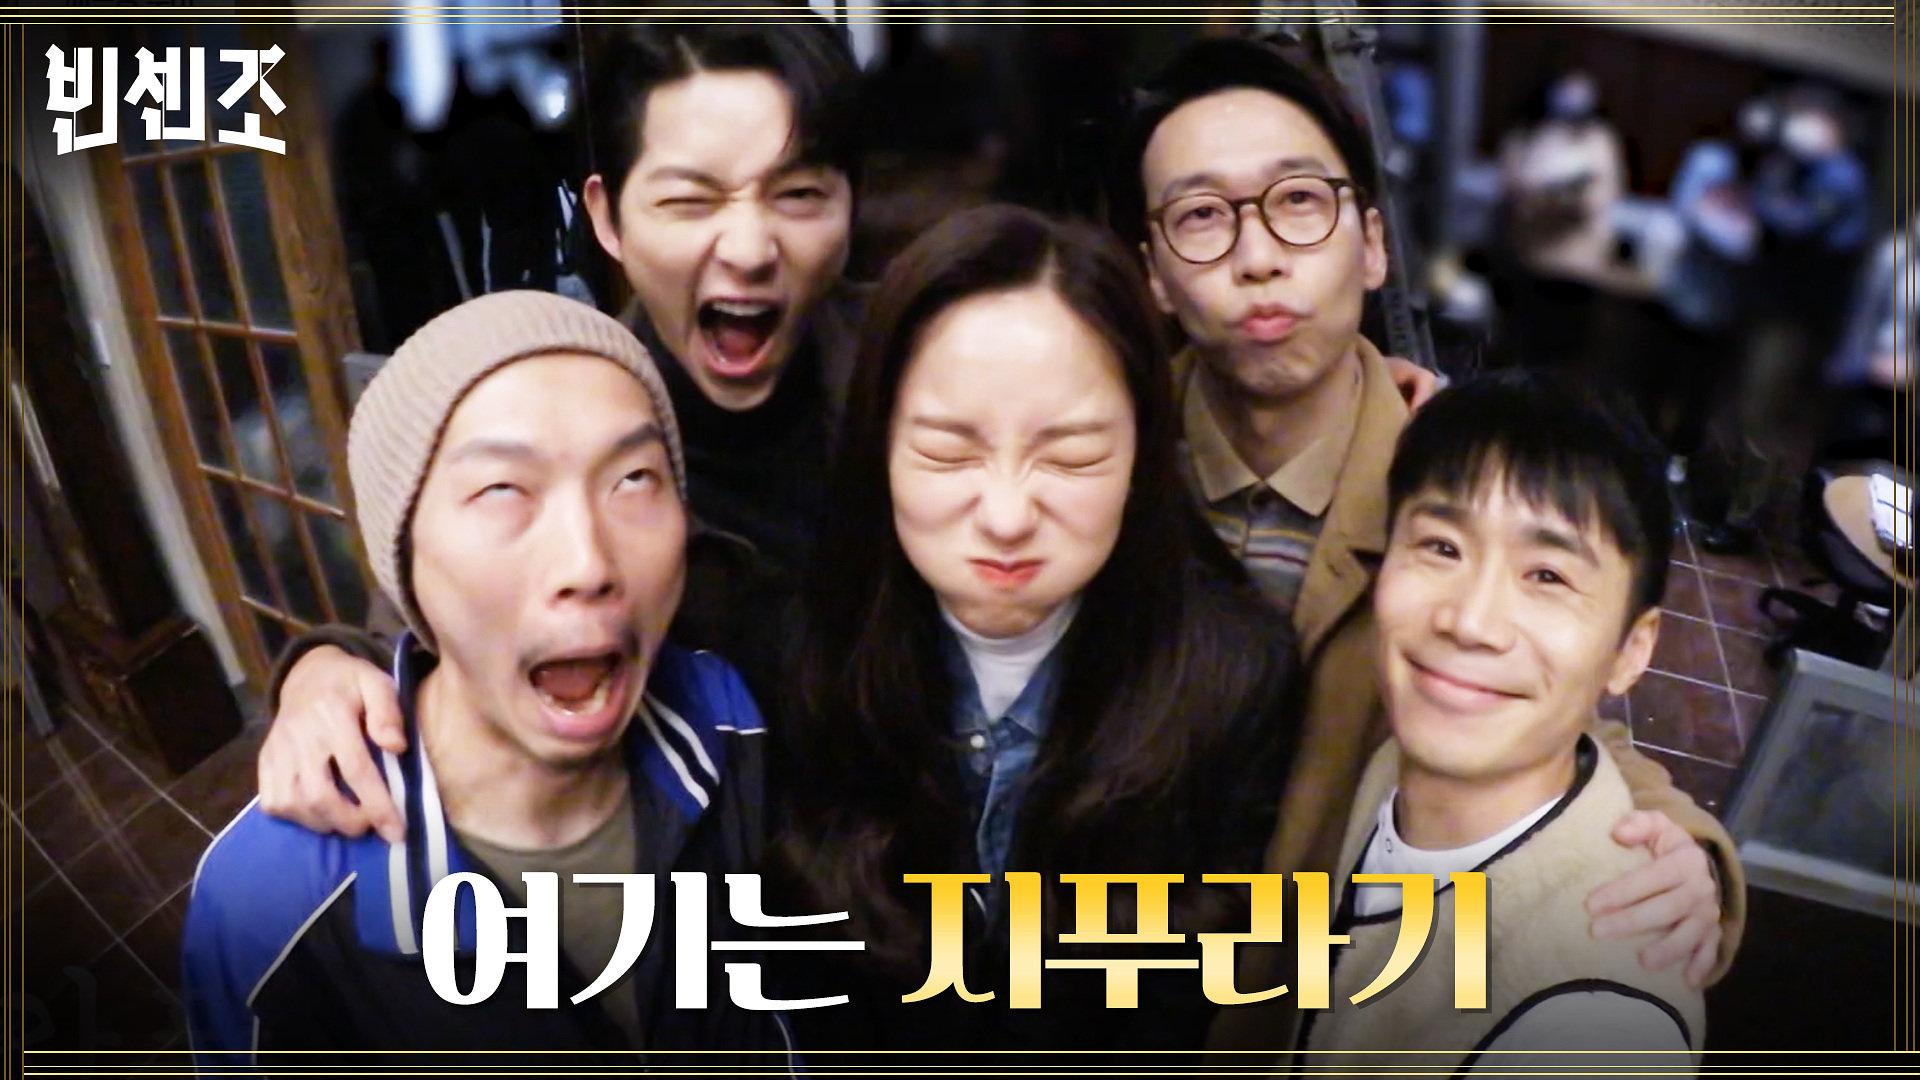 송중기의 심쿵유발 매너>_< 홍일점 전여빈 위한 얼굴 몰아주기.jpg   tvN 210417 방송